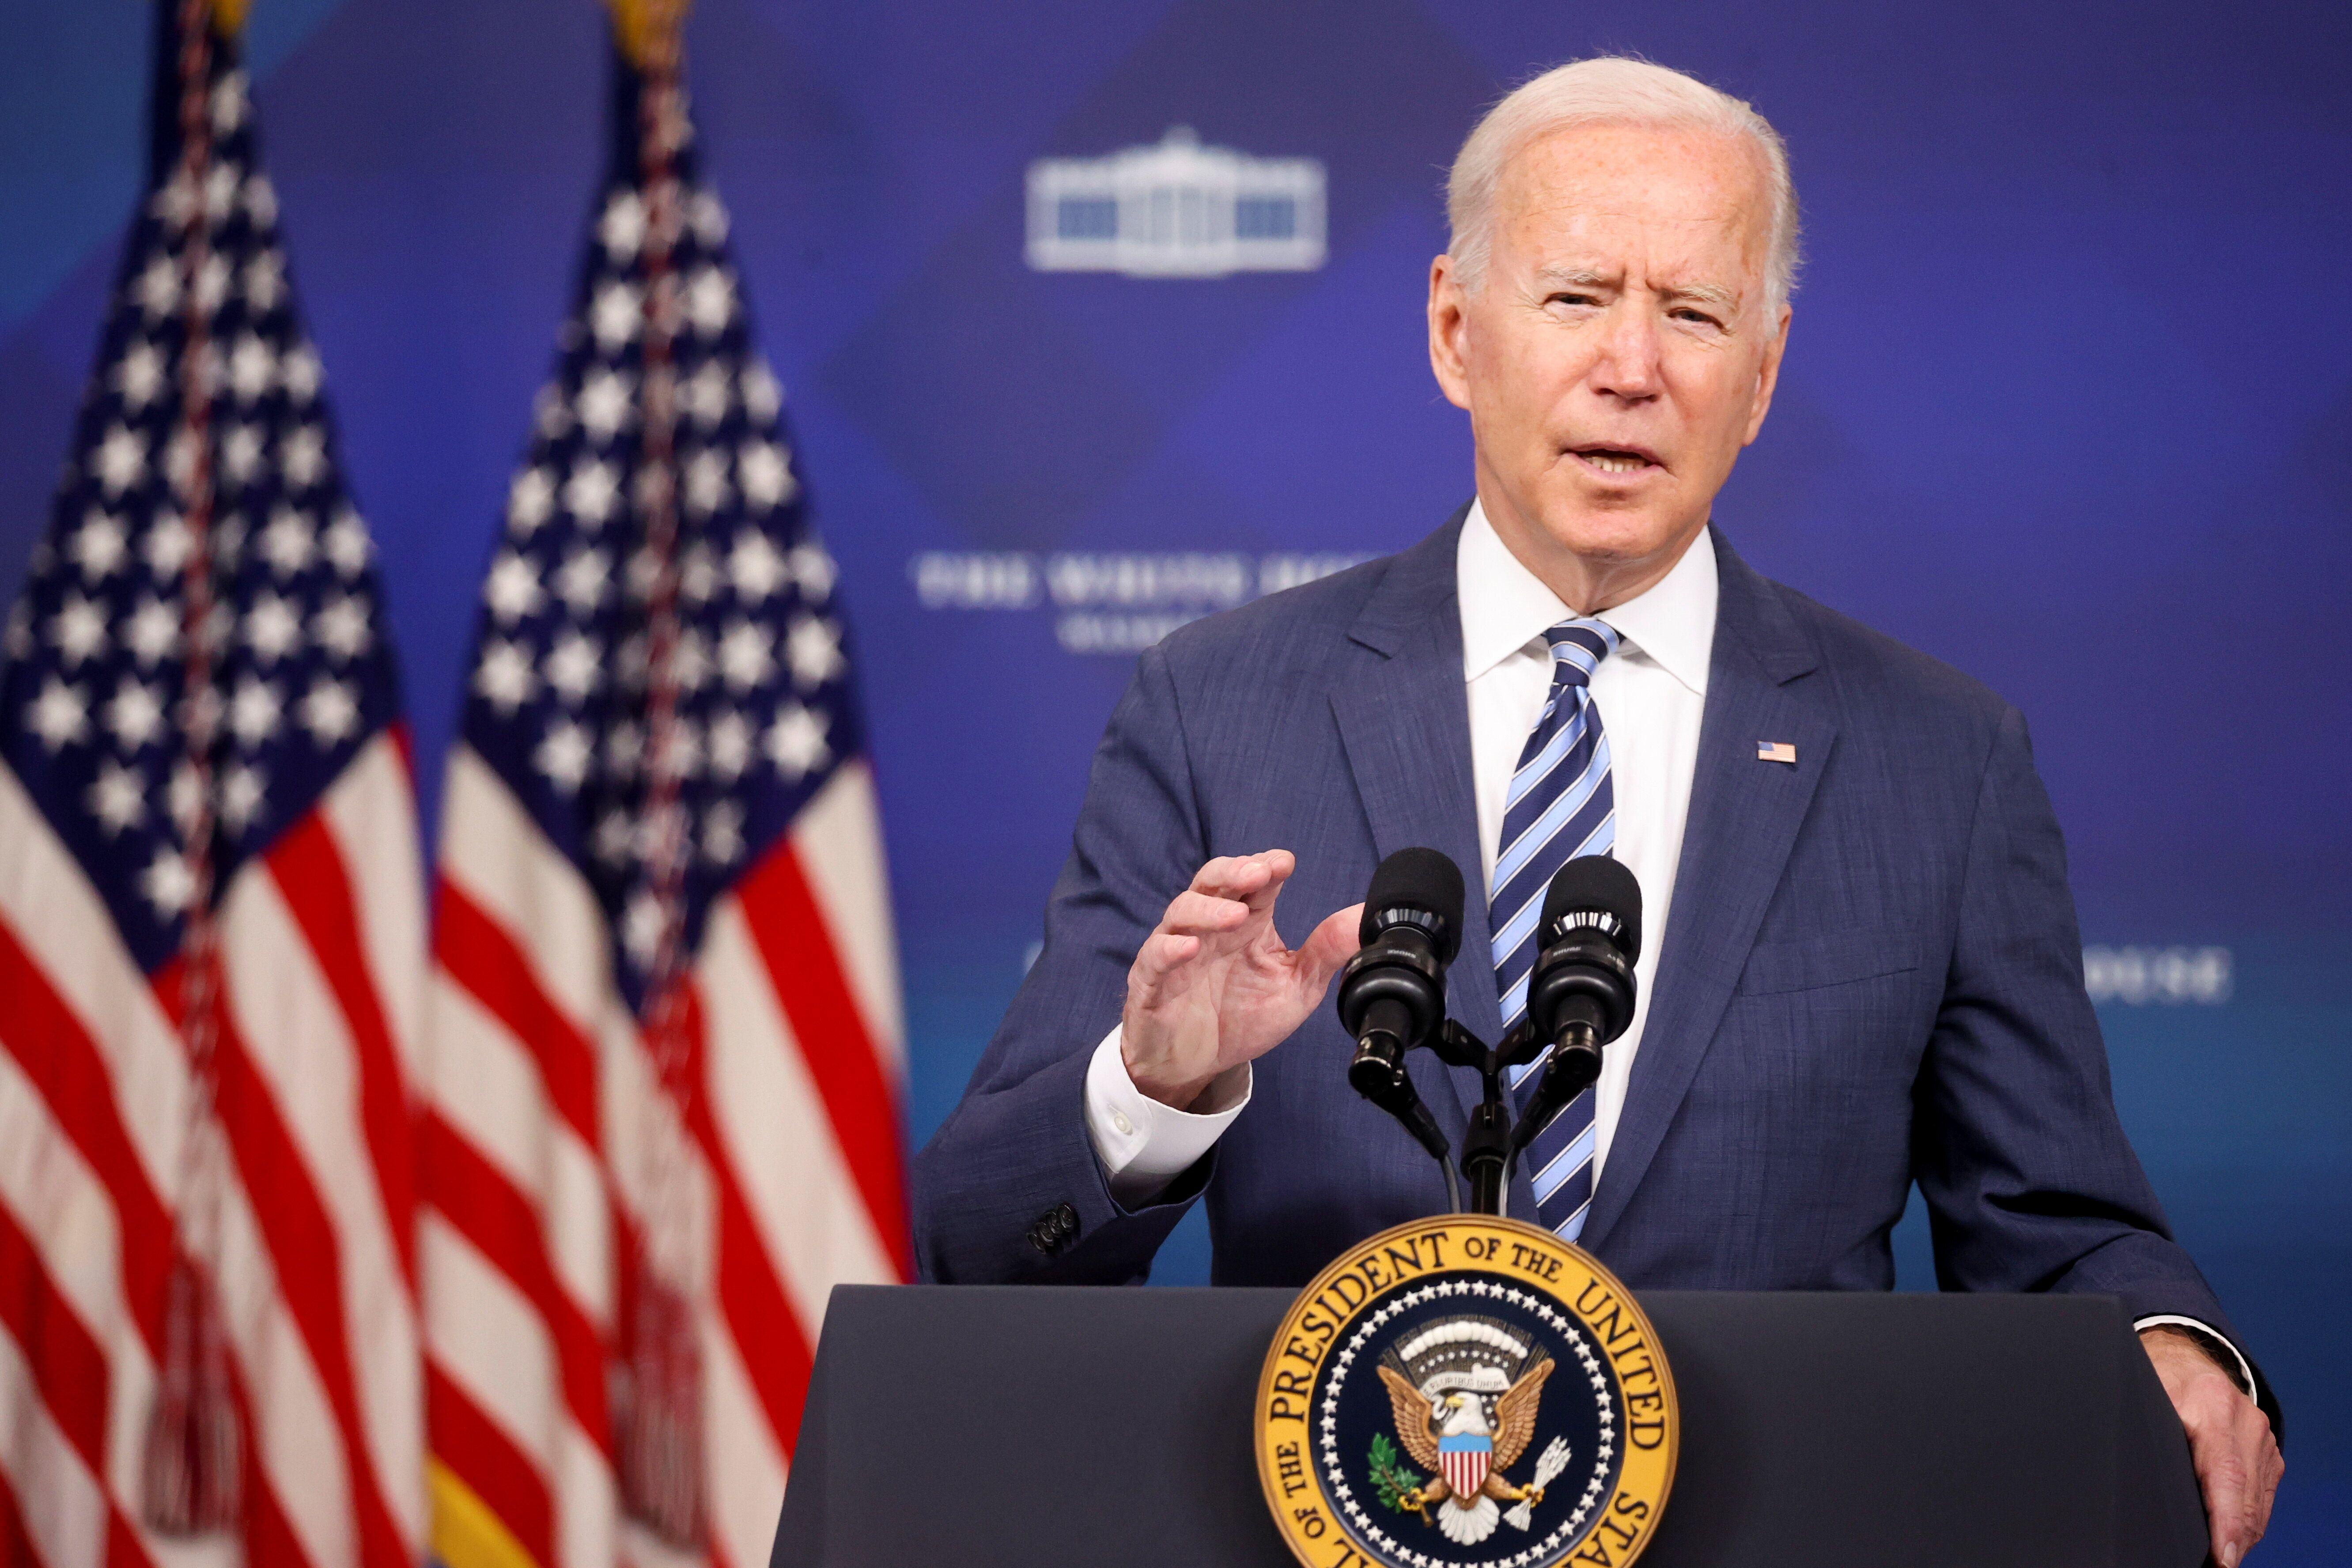 Joe Biden fustige la décision de la Cour suprême sur l'avortement qui provoque